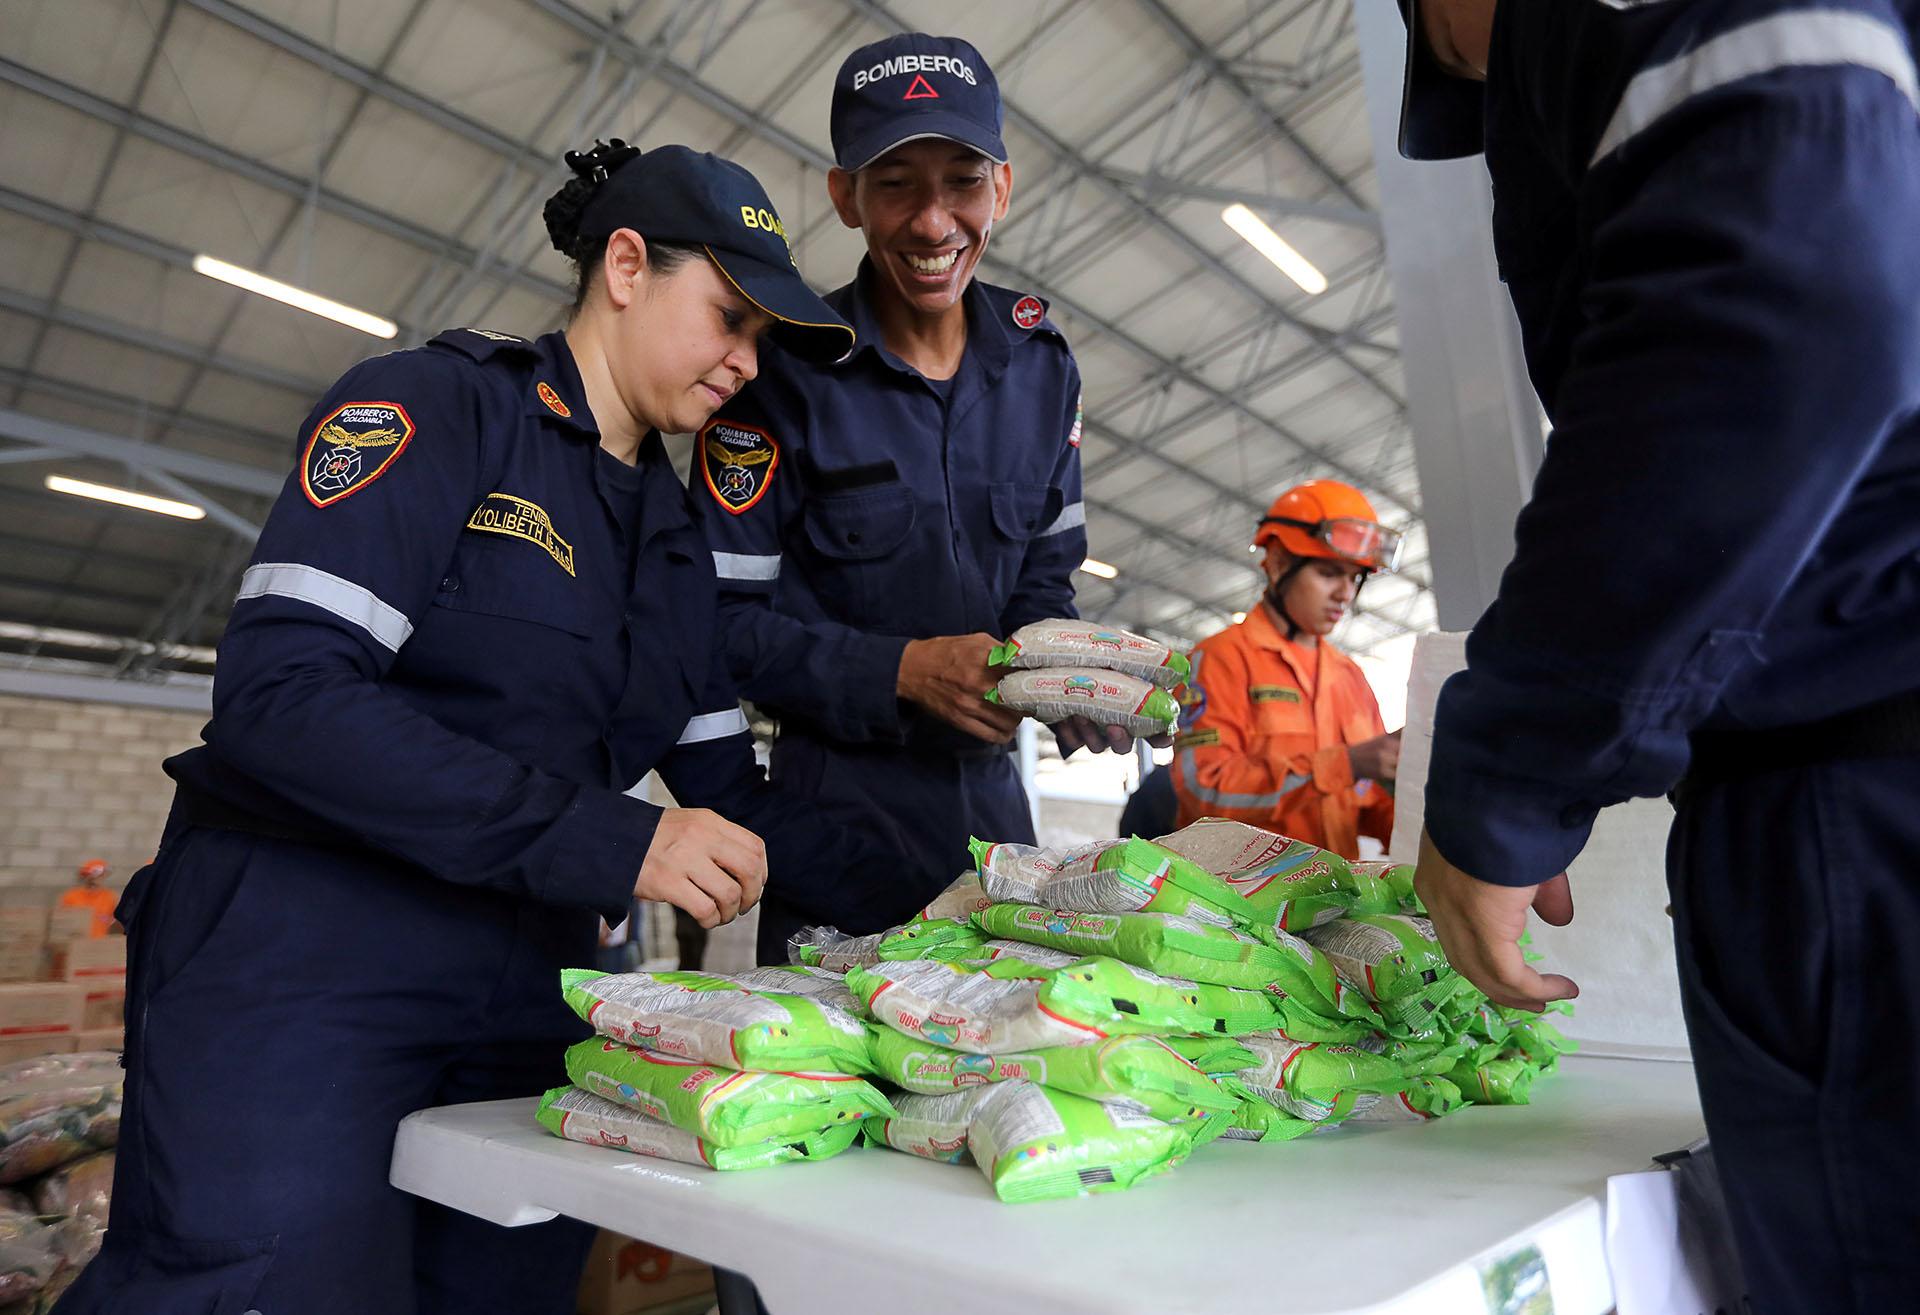 """Bomberos colombianos trabajan en la organización. Nicolás Maduro dijo que no permitirá el """"show"""" de la """"falsa"""" ayuda humanitaria"""